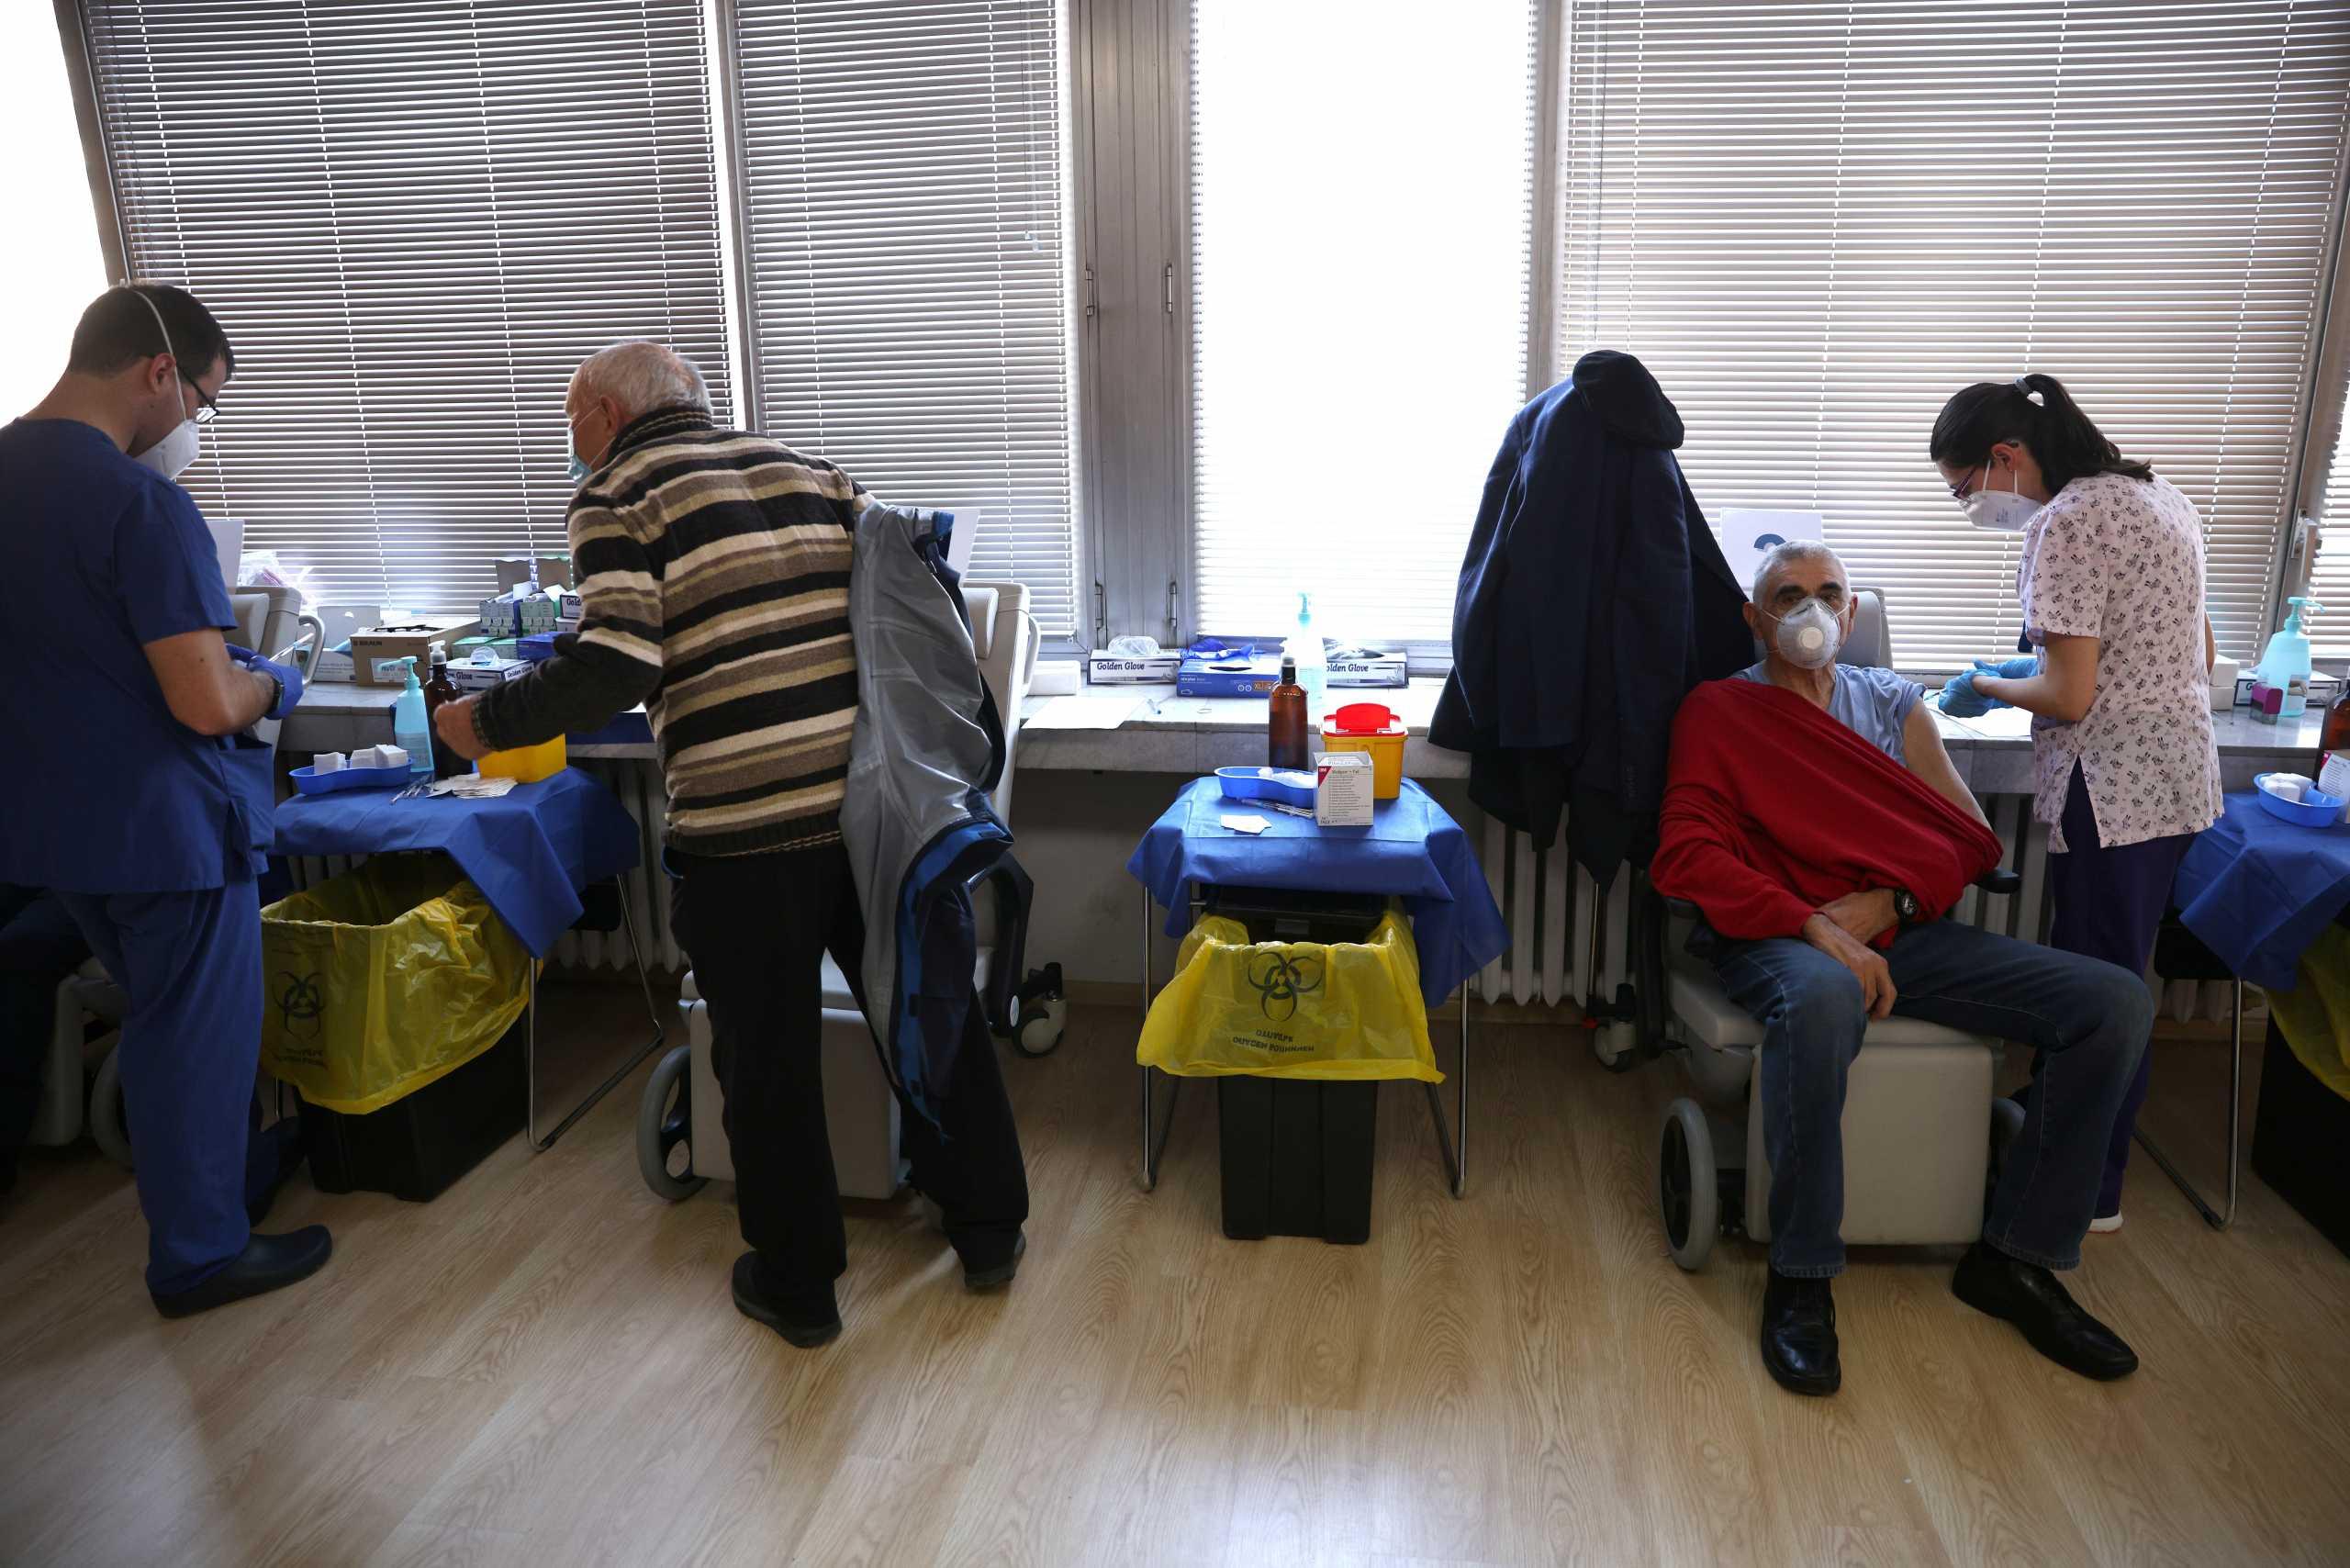 Κορονοϊός: Ρεκόρ κρουσμάτων στην Βουλγαρία μετά από τρεις μήνες